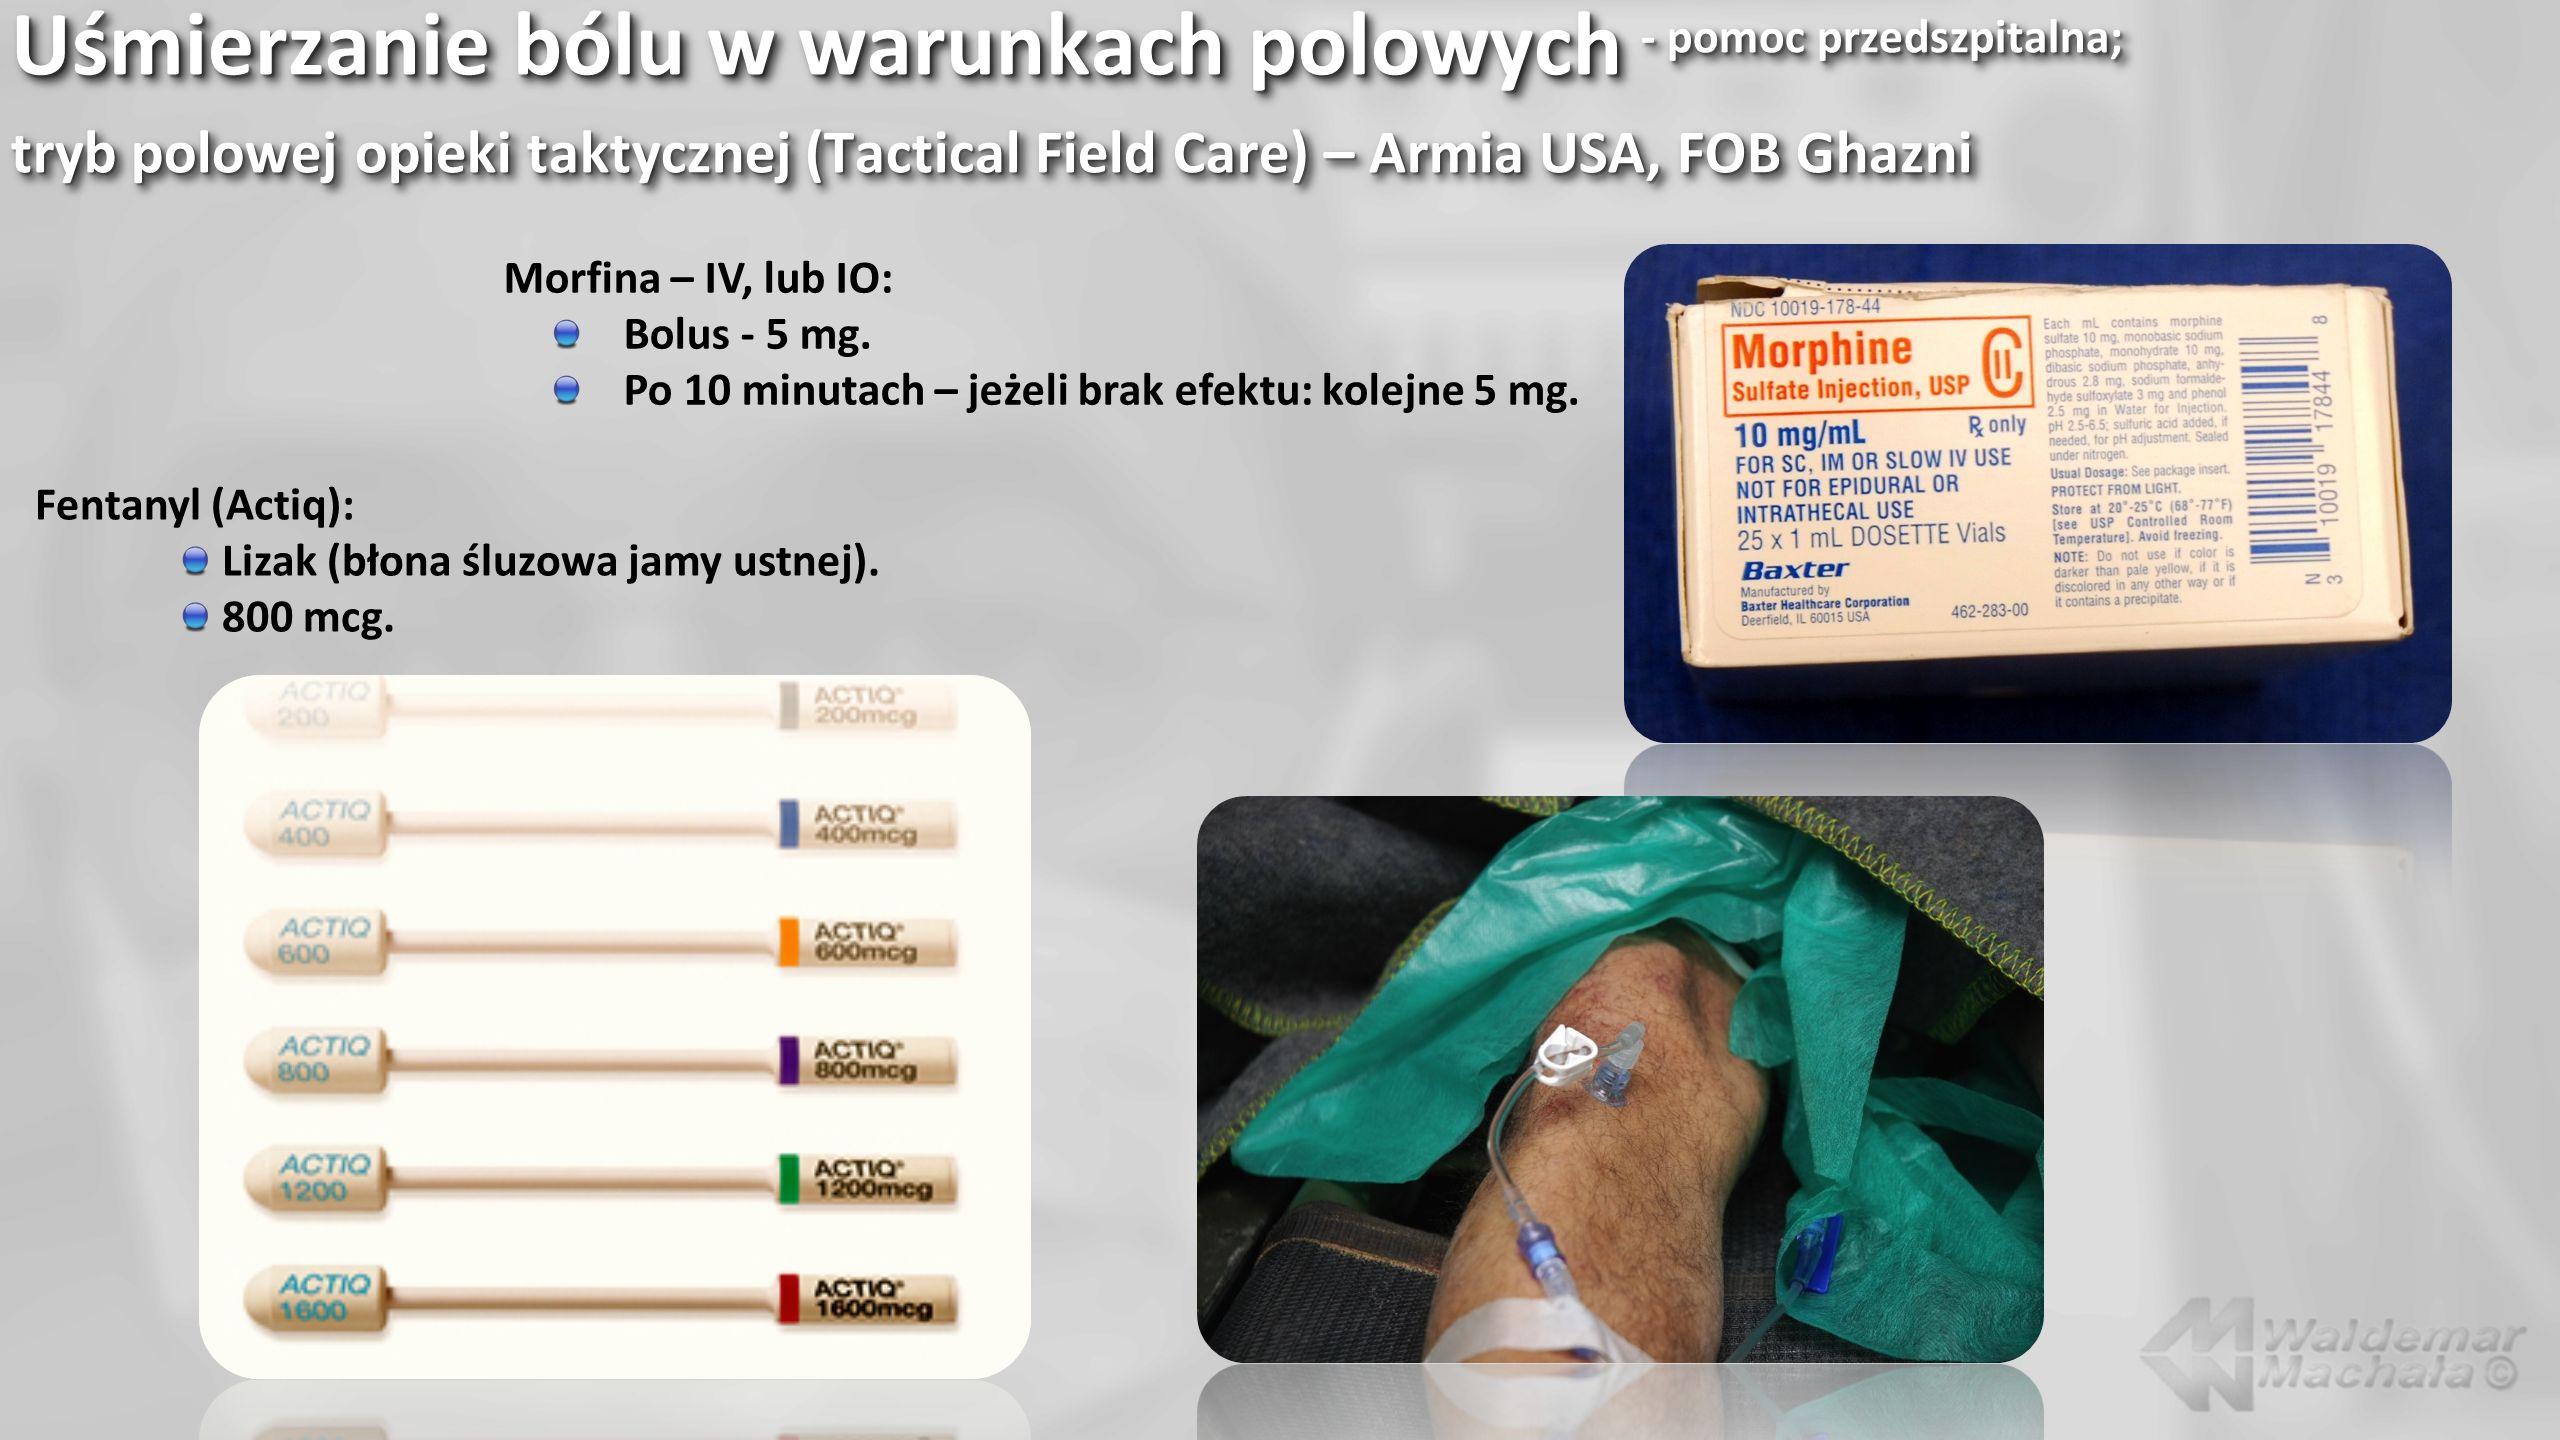 Uśmierzanie bólu w warunkach polowych - pomoc przedszpitalna; tryb polowej opieki taktycznej (Tactical Field Care) – Armia USA, FOB Ghazni Fentanyl (A